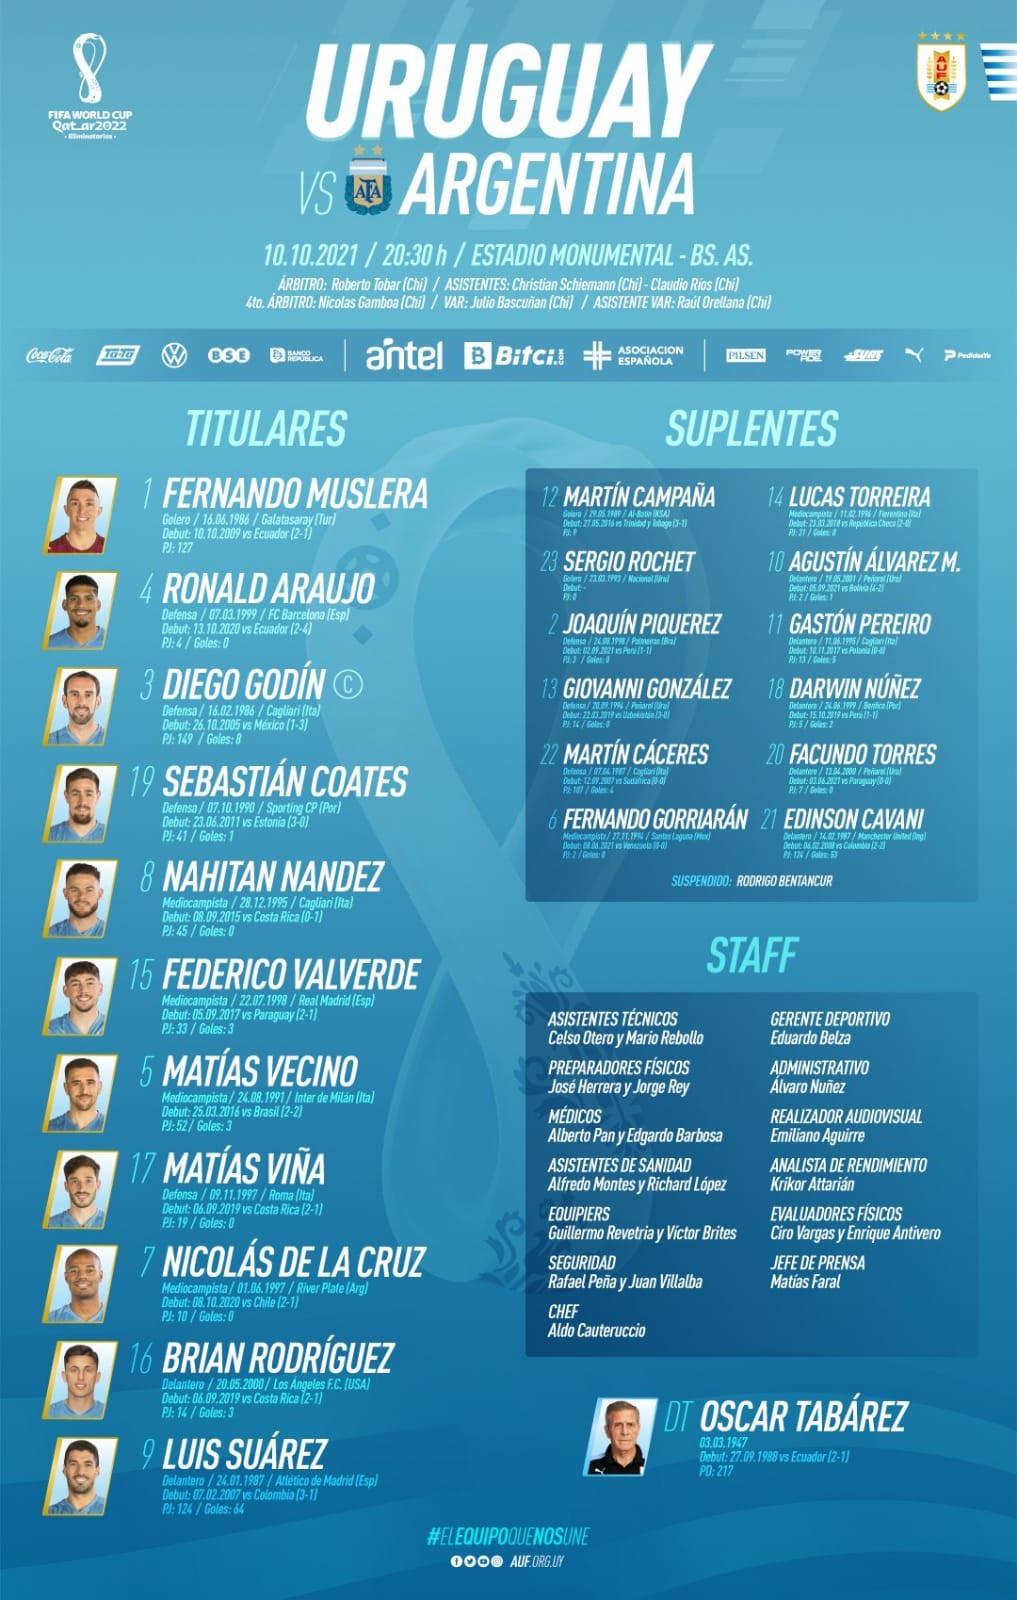 Argentina goleó 3 a 0 a Uruguay por las eliminatorias sudamericanas | Canal Showsport